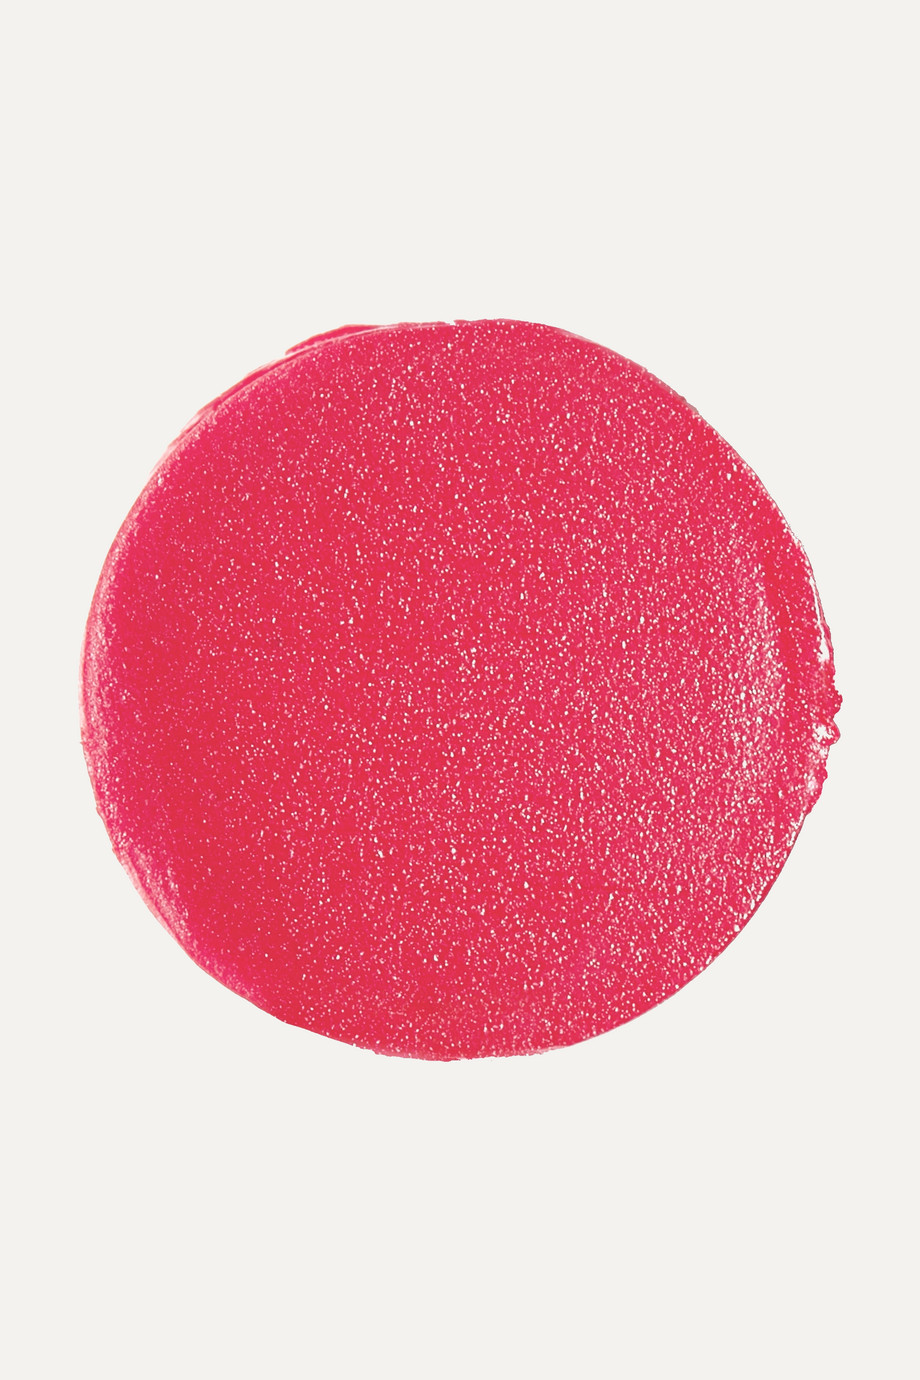 Gucci Beauty Rouge à Lèvres Satin – Mae Coral 301 – Lippenstift